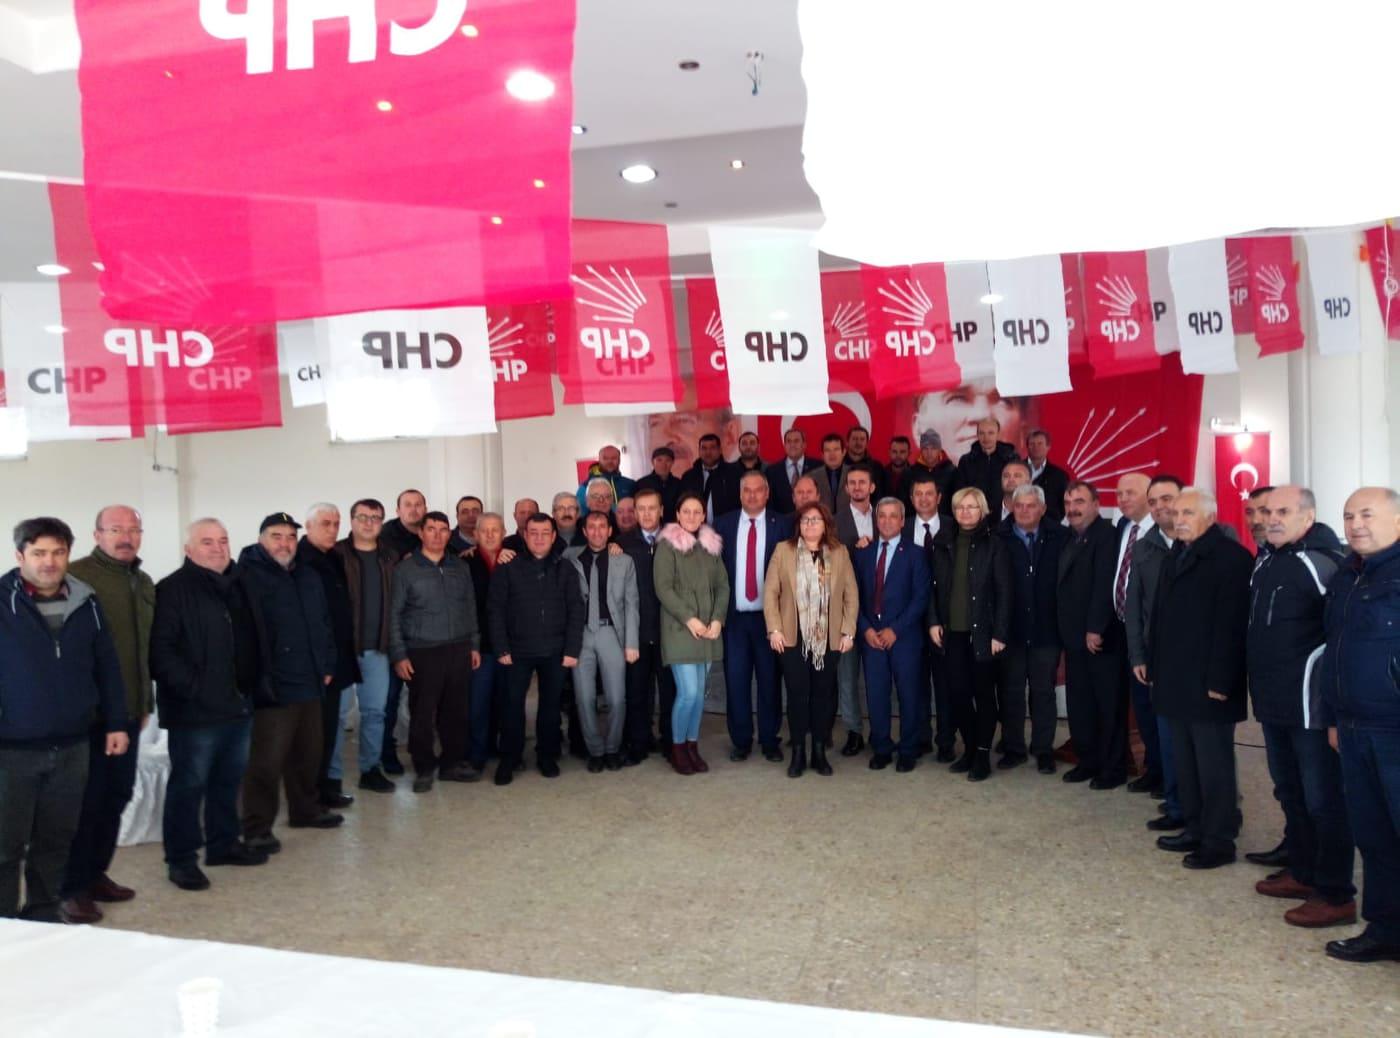 CHP Enez İlçe Kongresi Yapıldı Vedat Avcu Tekrar Başkan seçildi